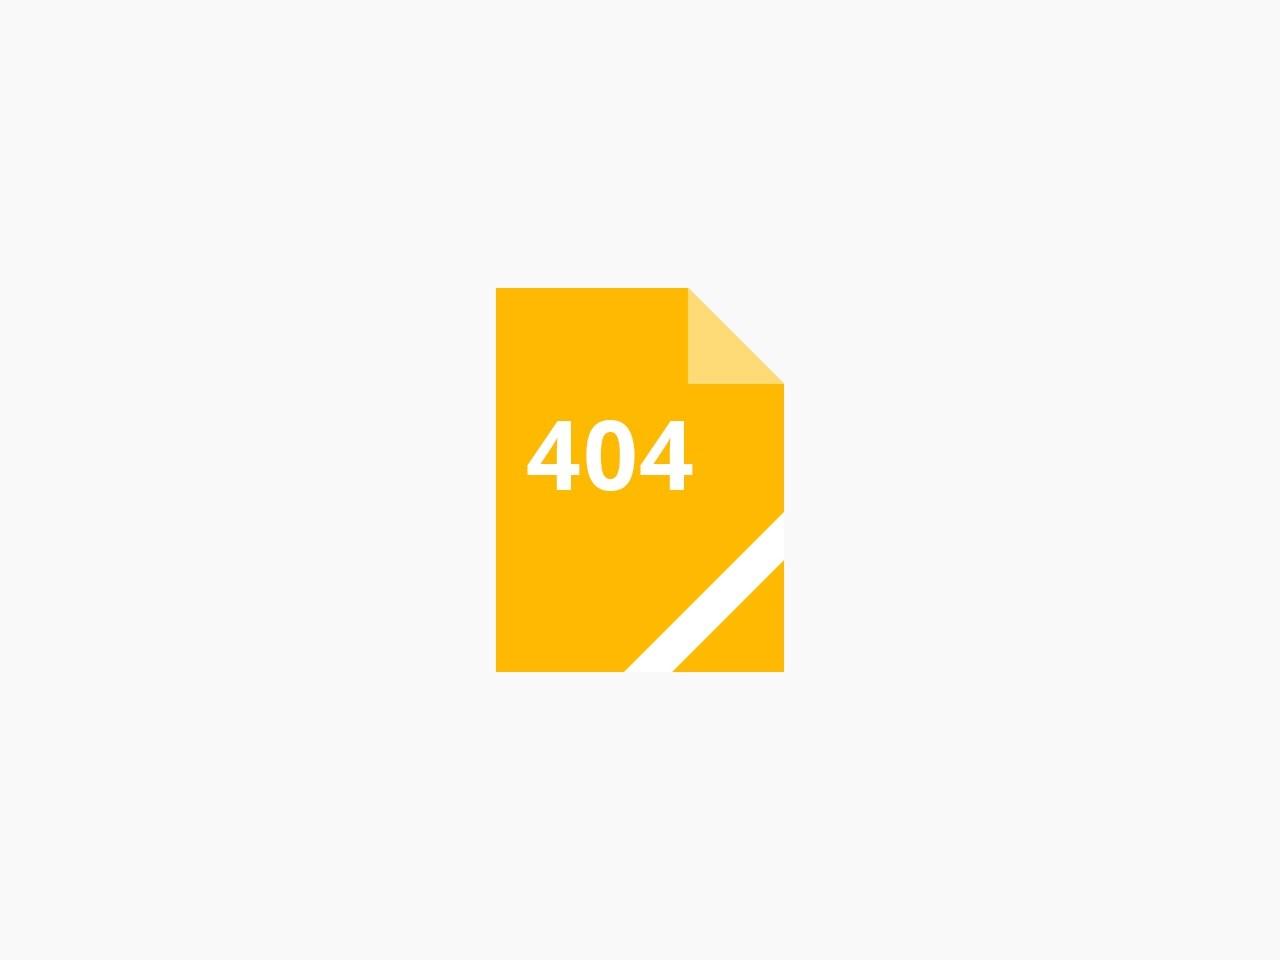 360网址分类目录